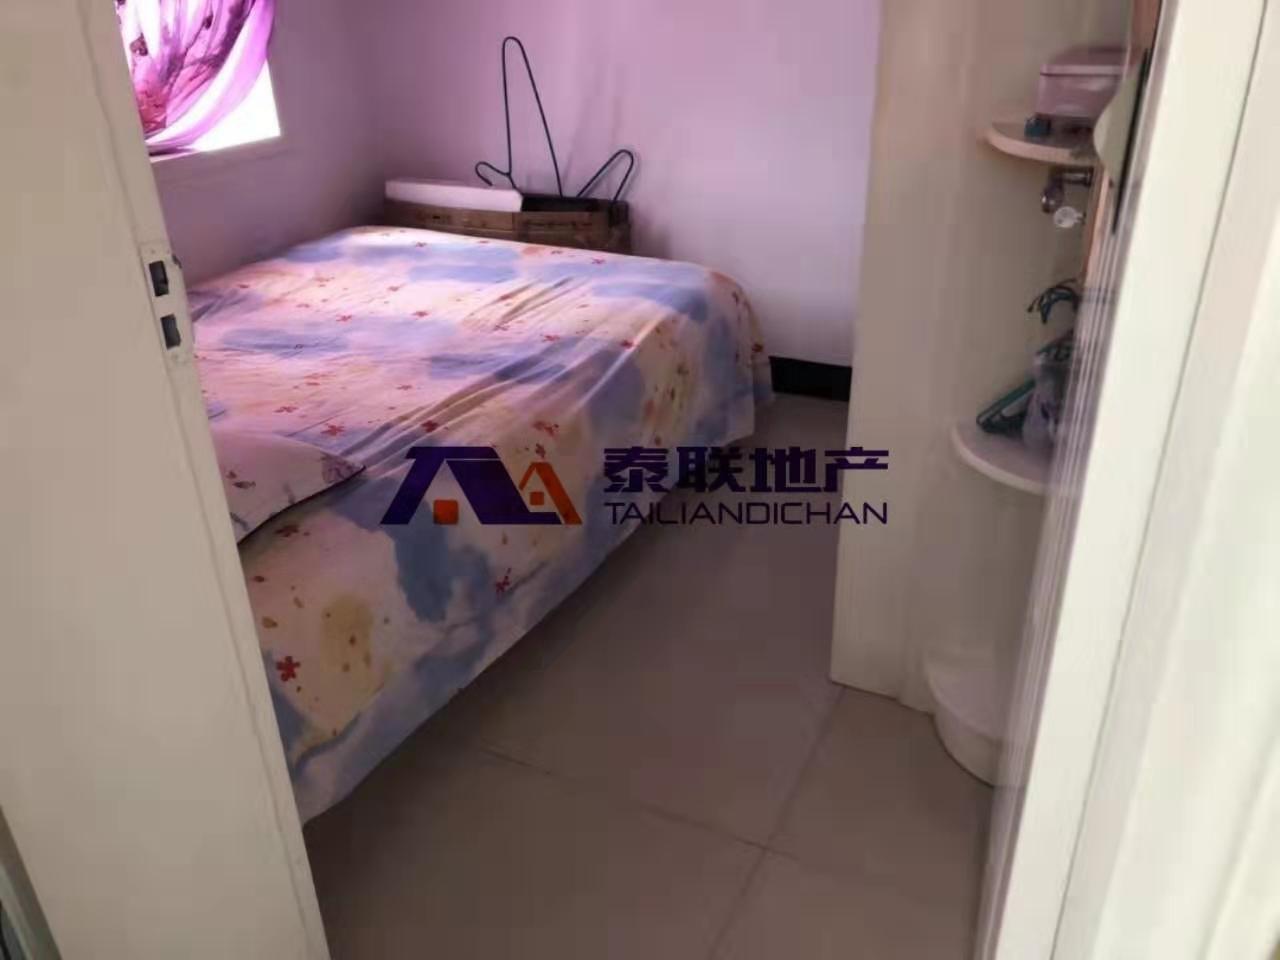 便宜,后山带装修三房出售,低楼层,附送家私电器